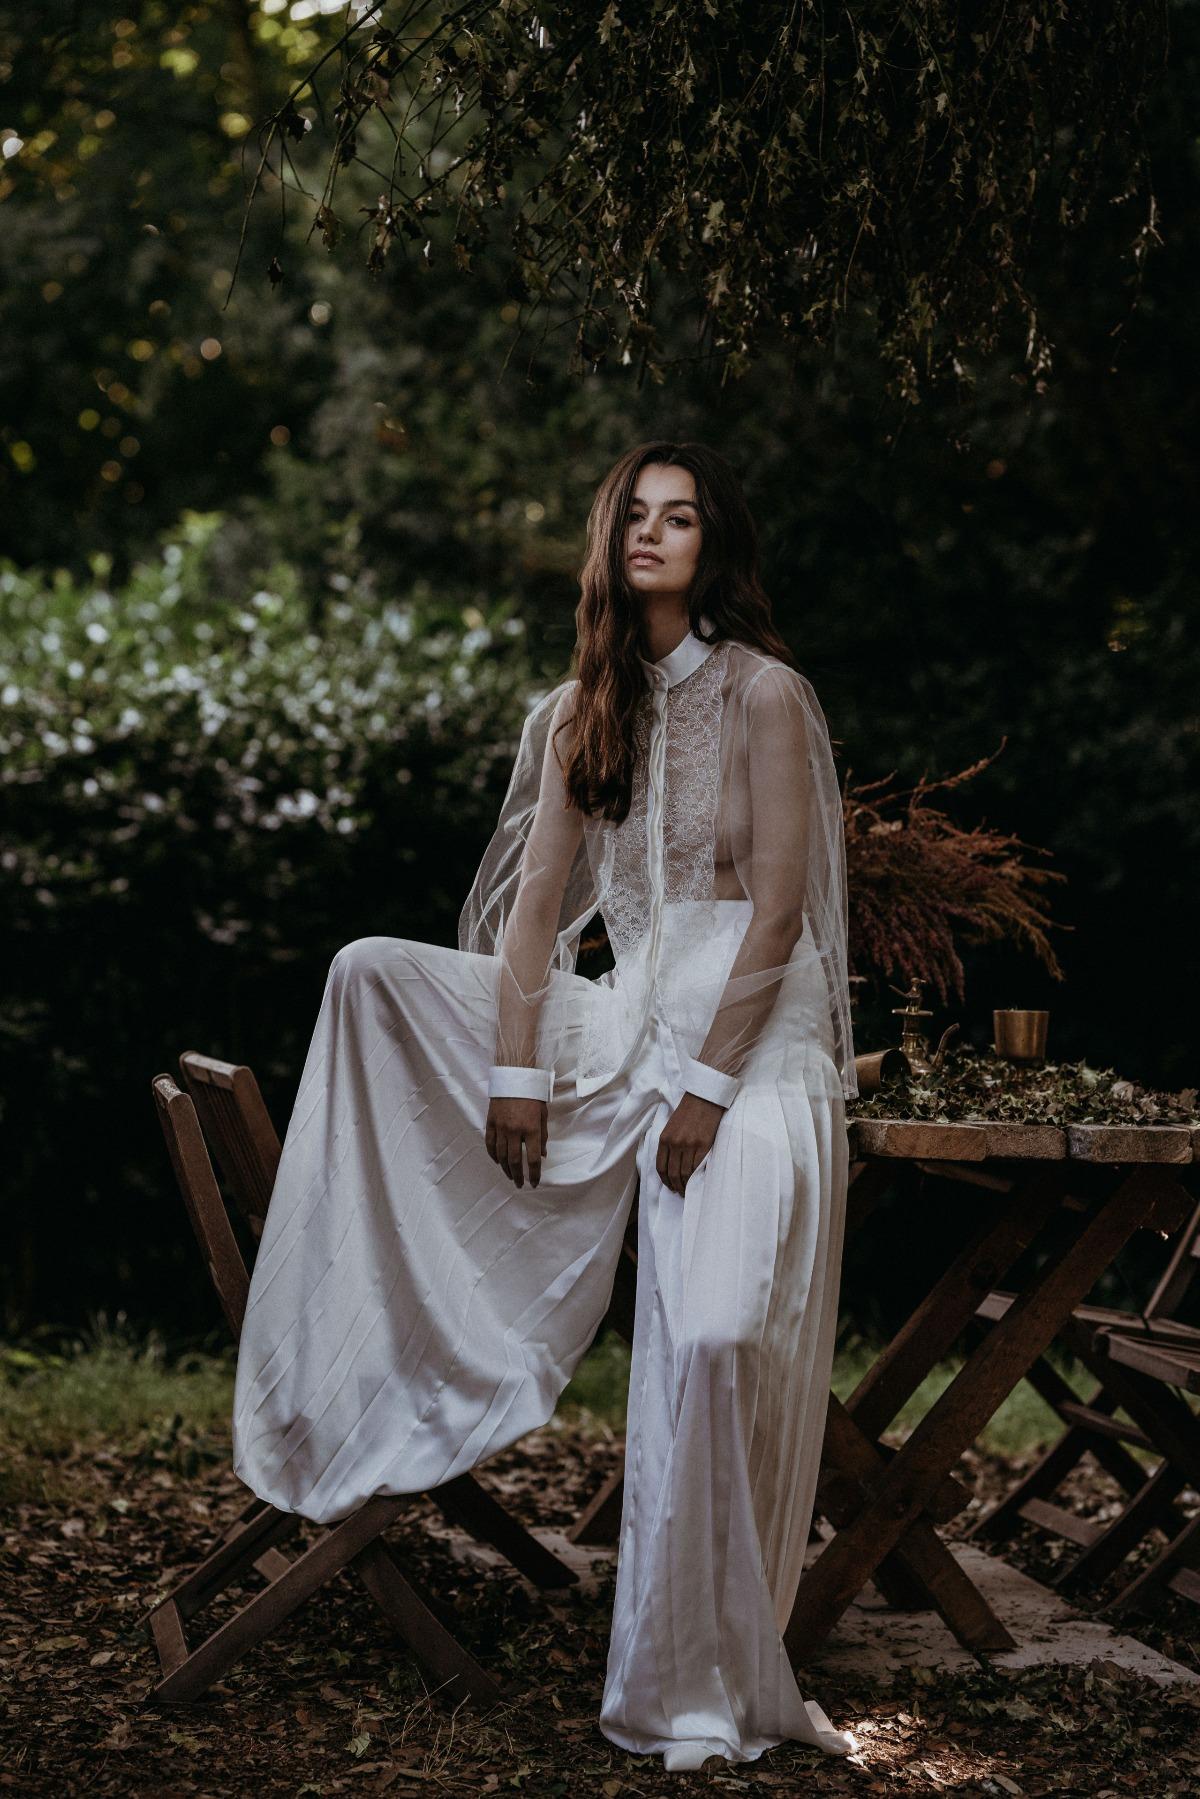 vestidos de novia veganos 2022, tendencias en vestidos de novia 2022 - sanyukta shrestha - wedding hub - 015